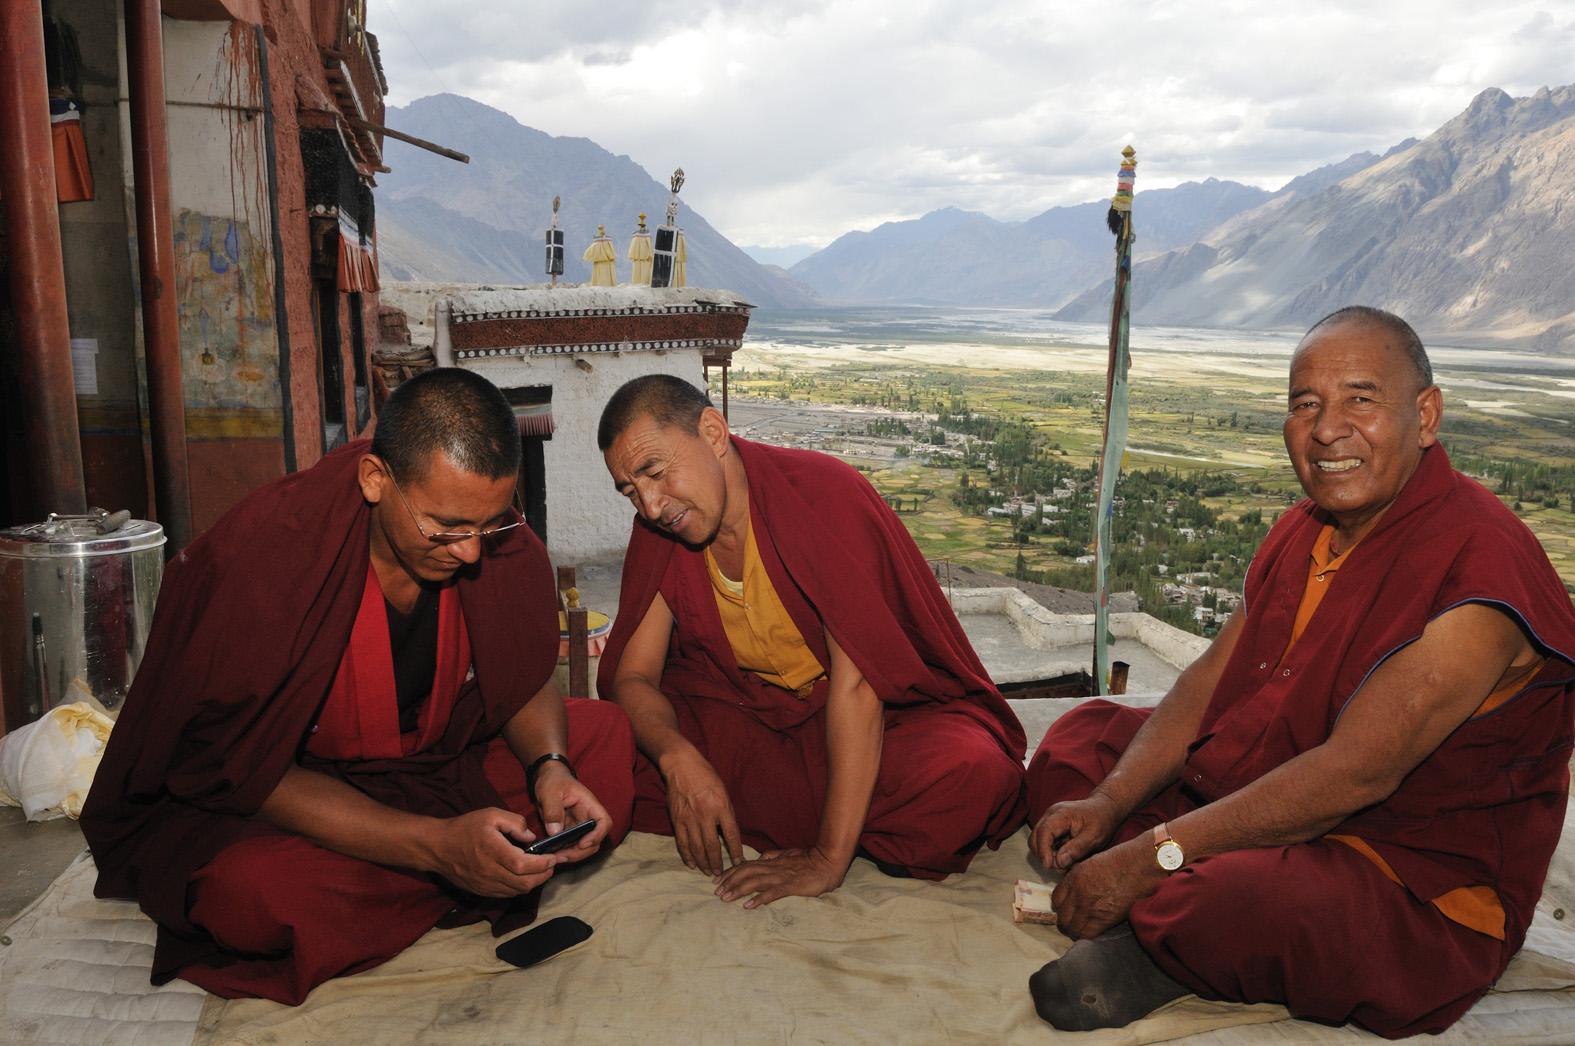 foto van monniken met mobieltje bij tempel en bergen